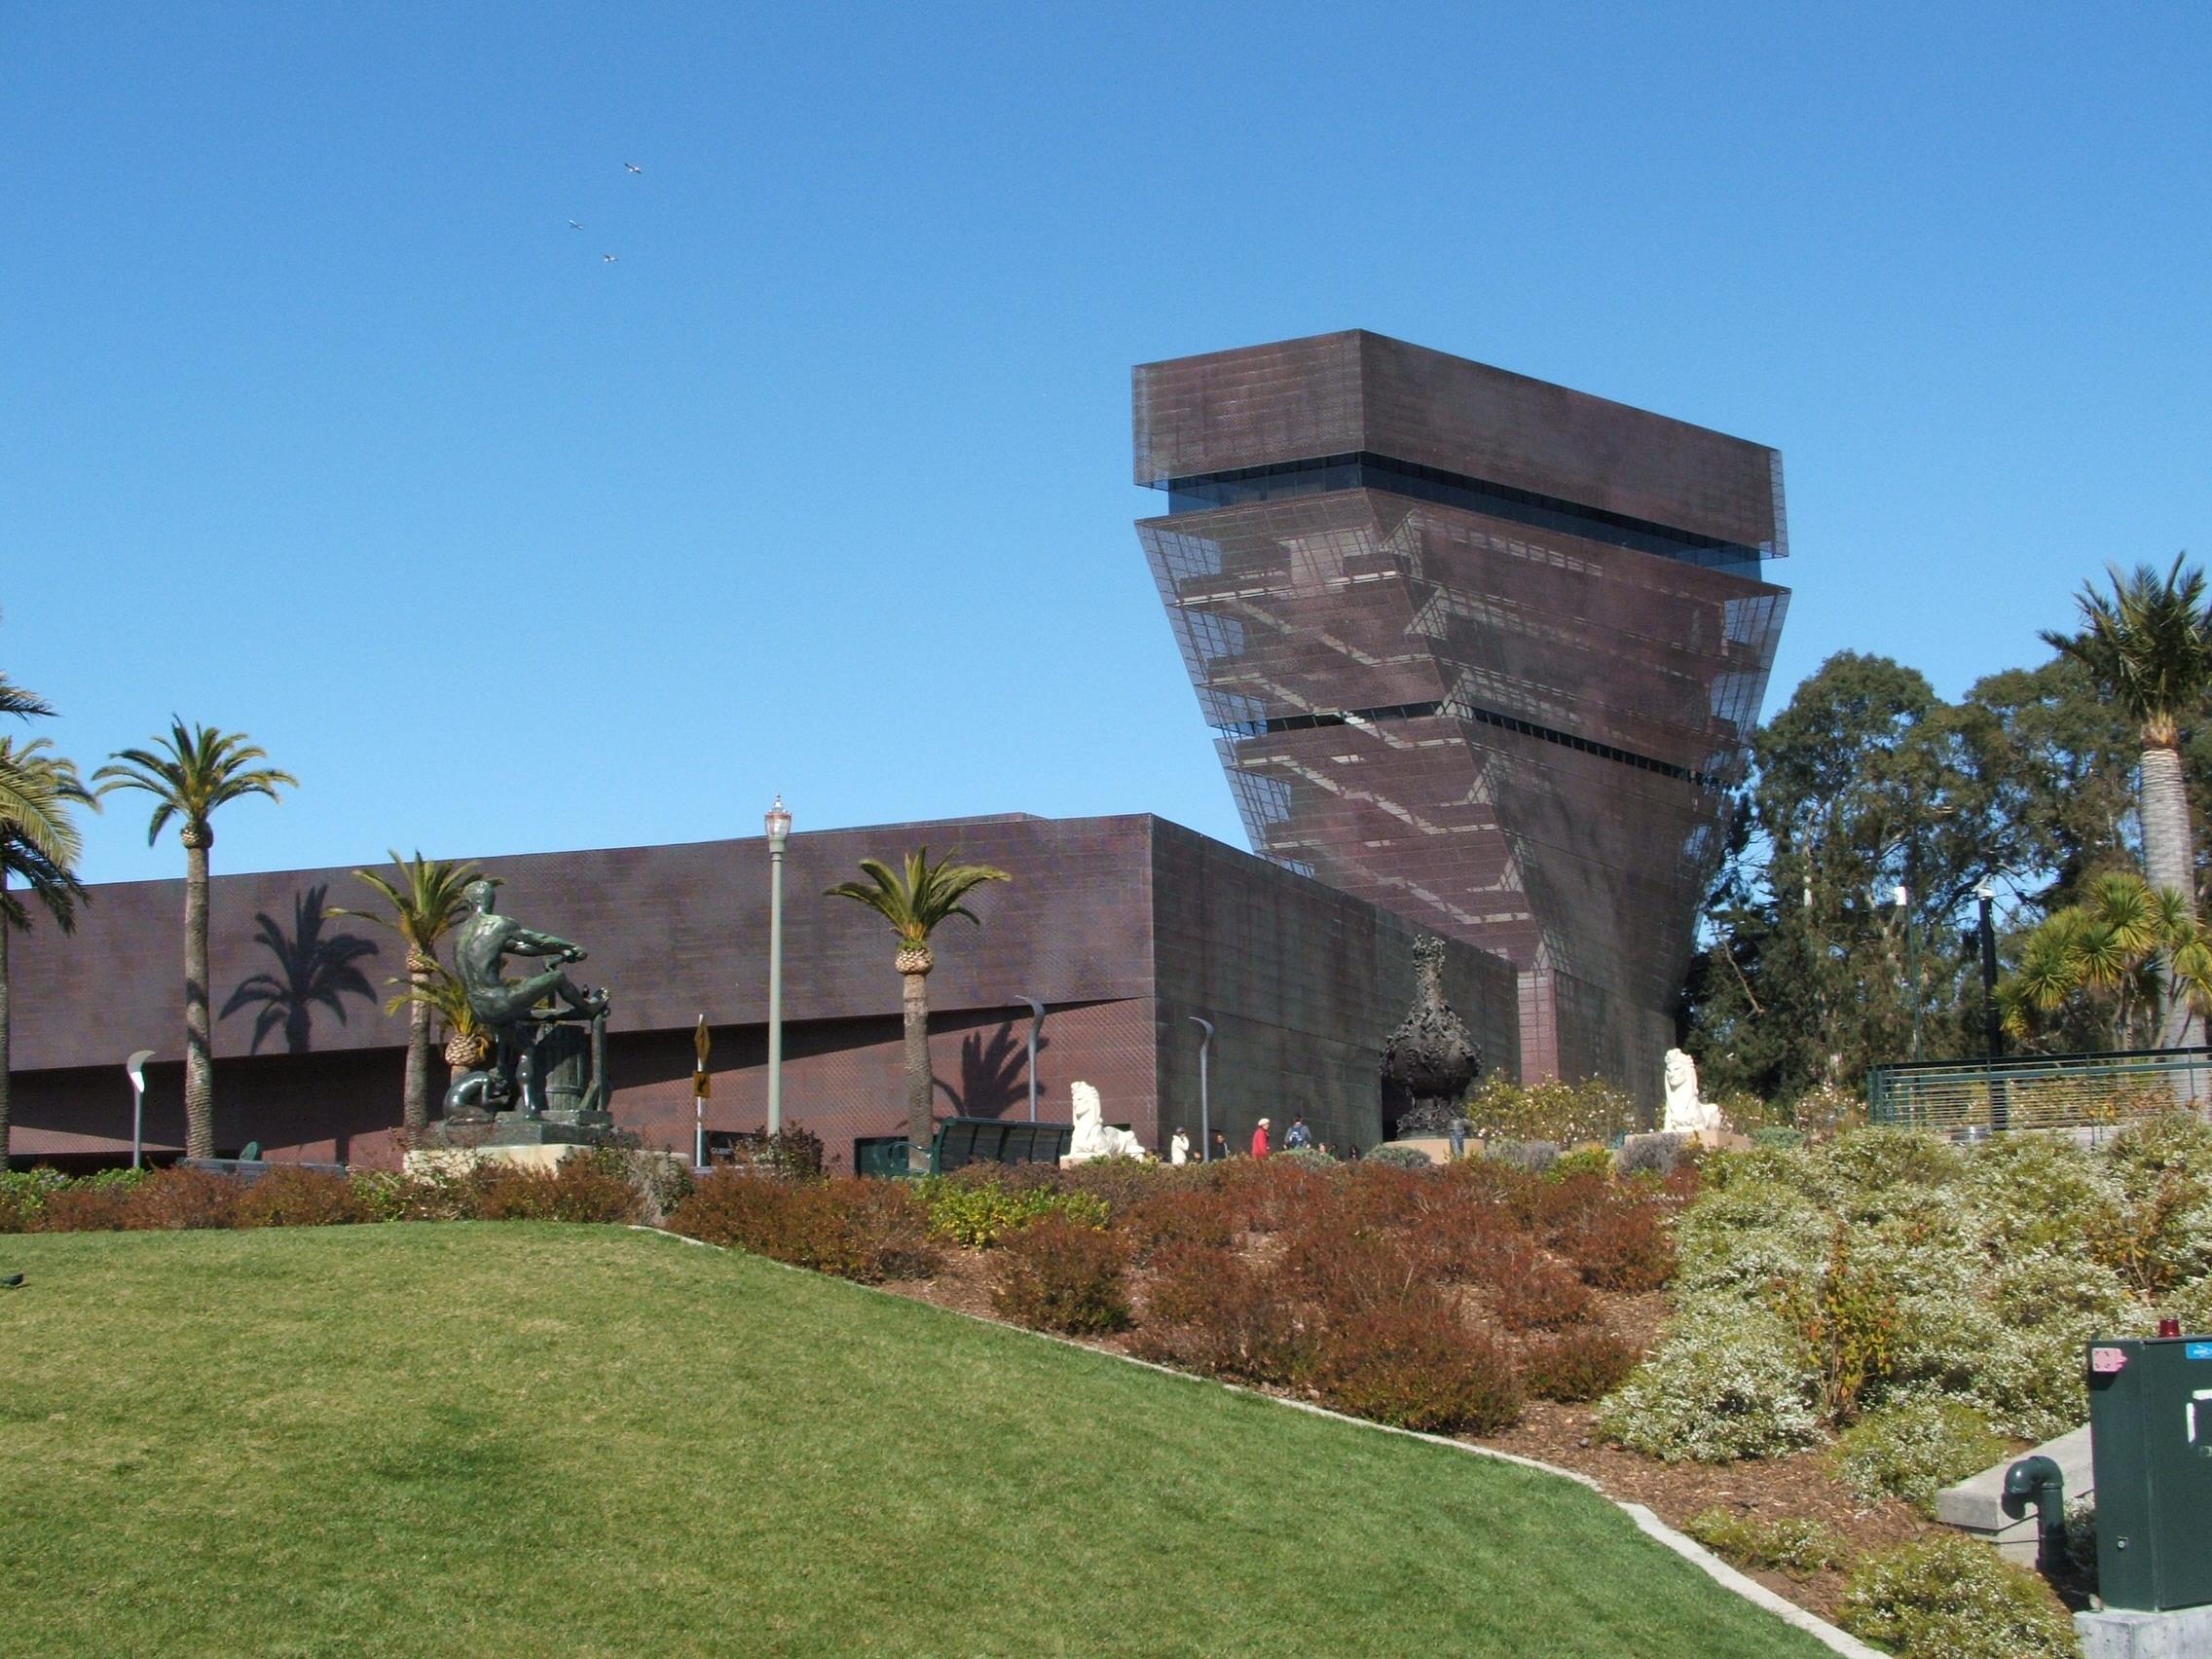 Hotels San Francisco Golden Gate Park